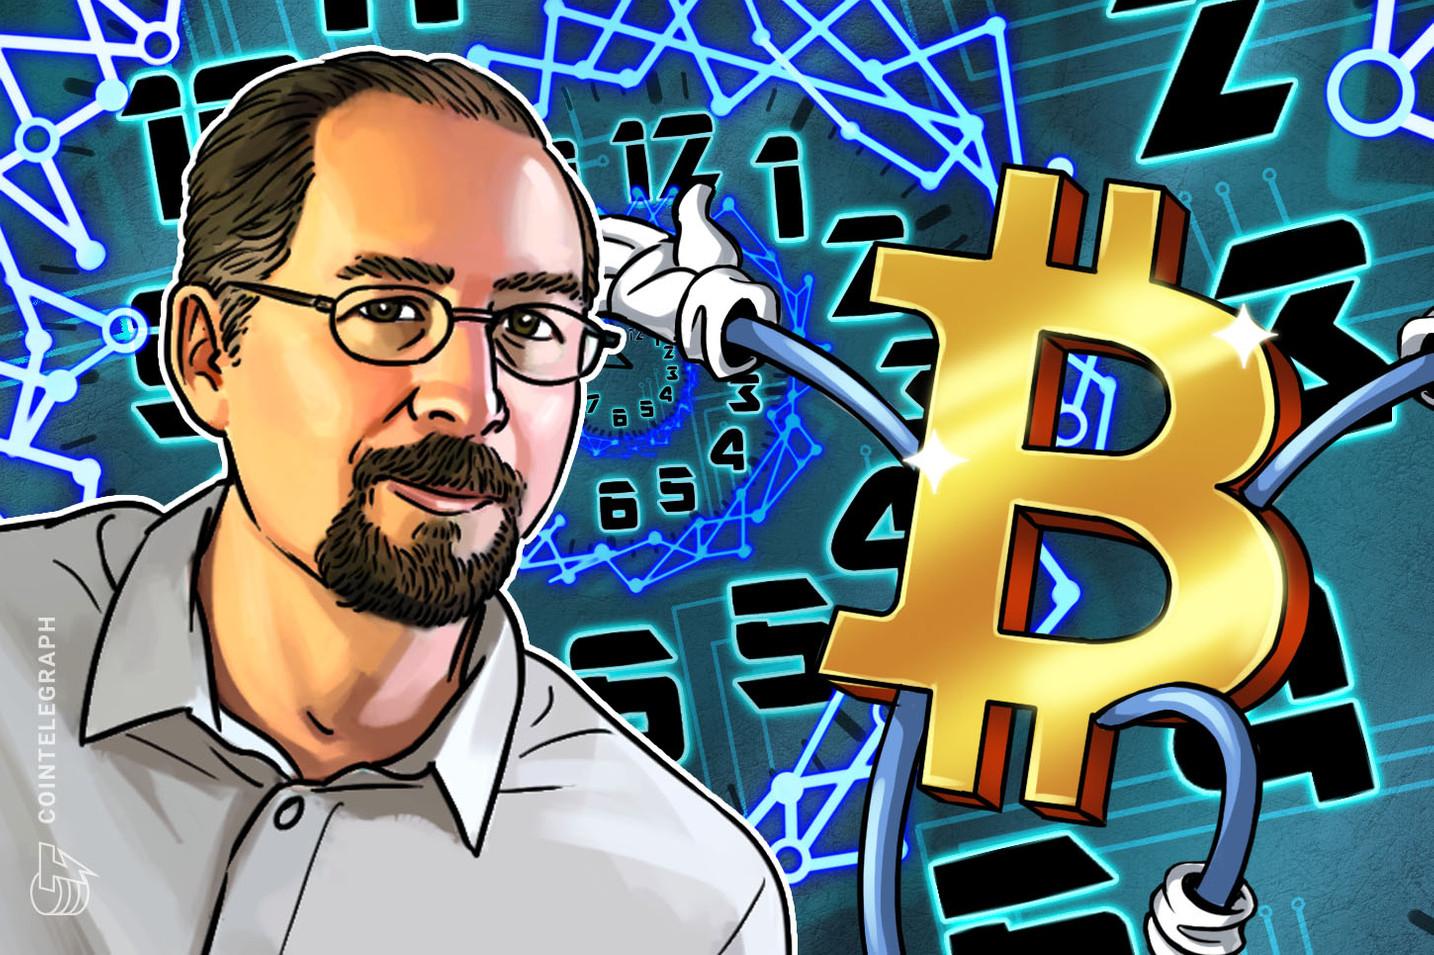 仮想通貨ビットコイン、今後5年で30万ドルに=アダム・バック氏が指摘